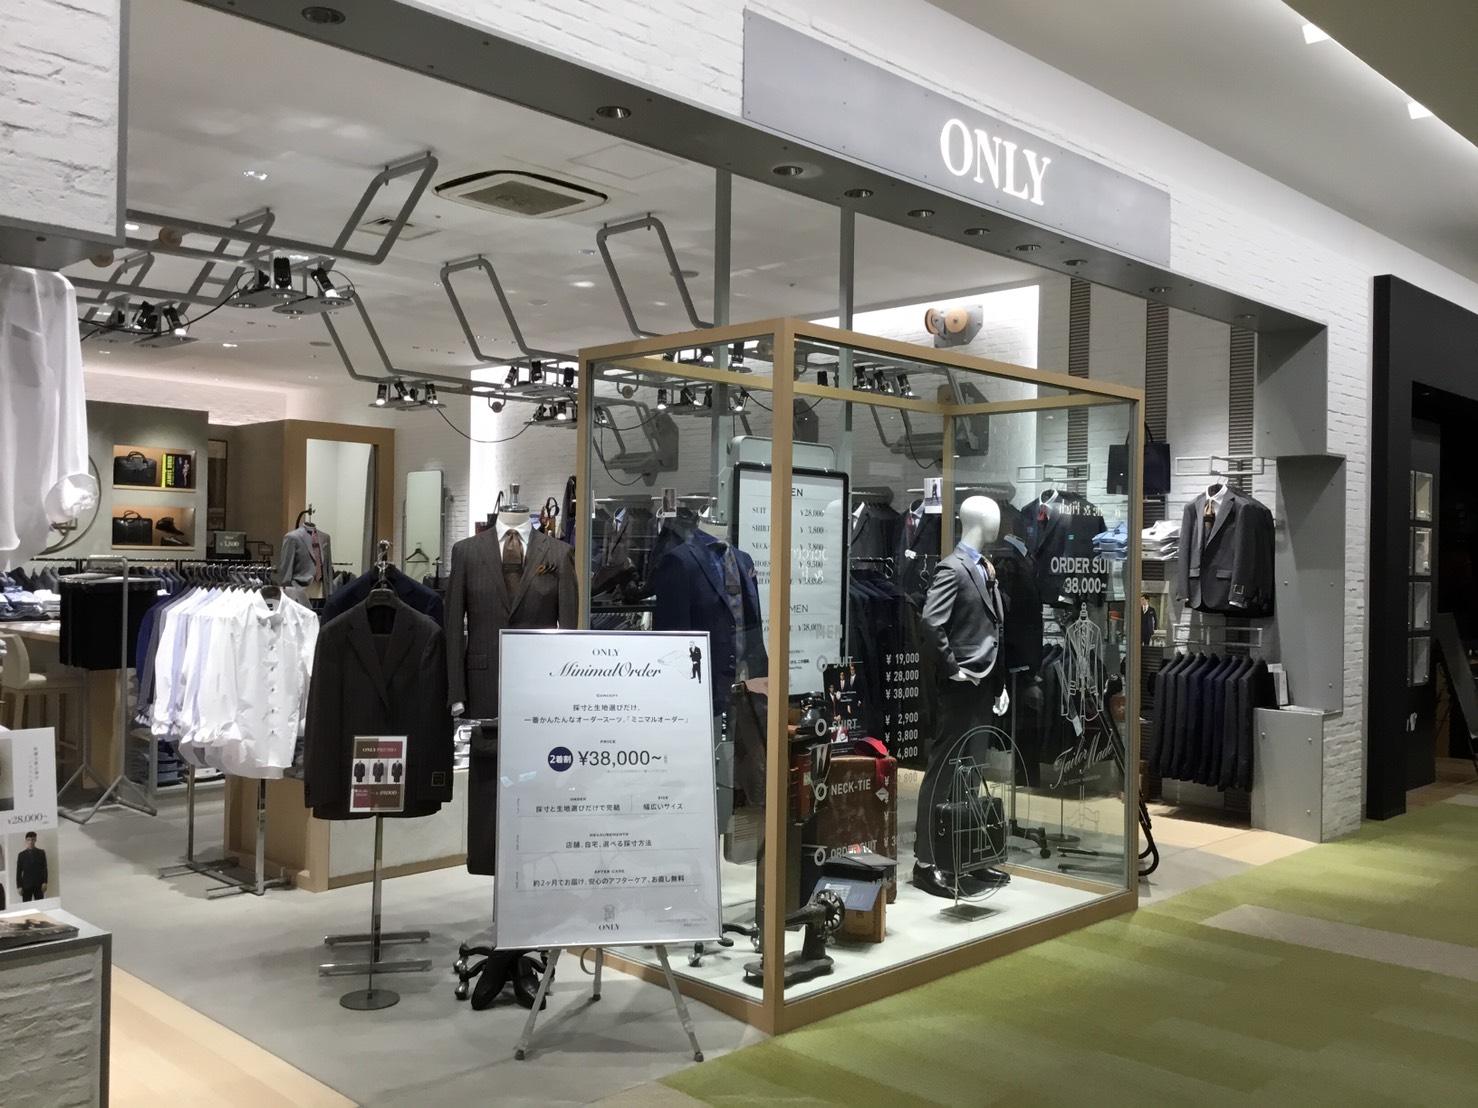 ららぽーとEXPOCITY店(【営業時間短縮】11:00~20:00)